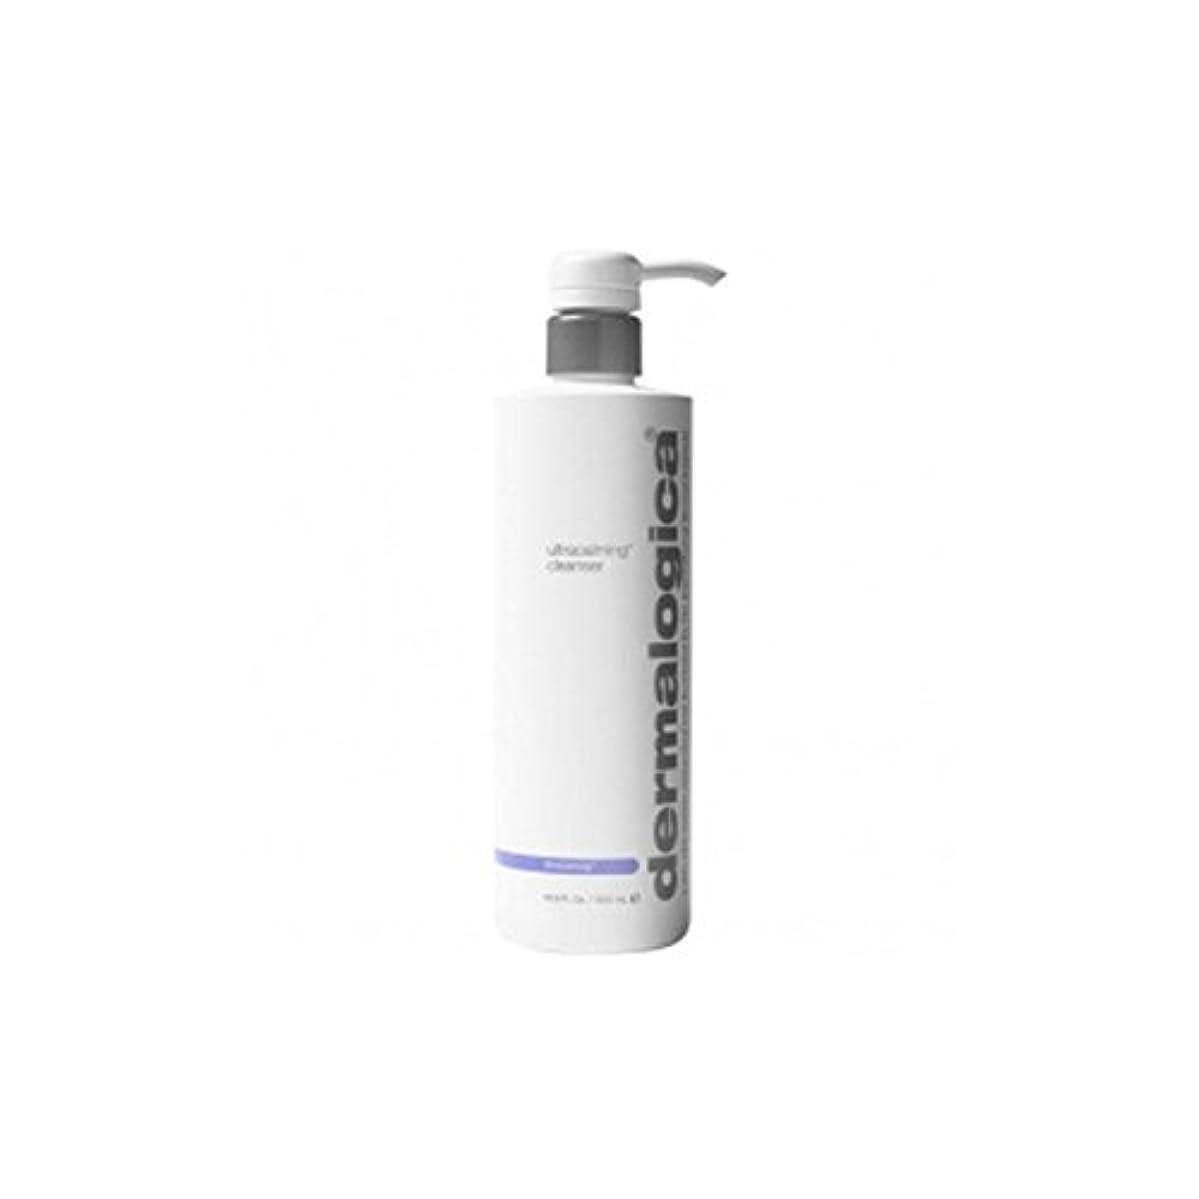 靄回復引用ダーマロジカクレンザー(500ミリリットル) x2 - Dermalogica Ultracalming Cleanser (500ml) (Pack of 2) [並行輸入品]